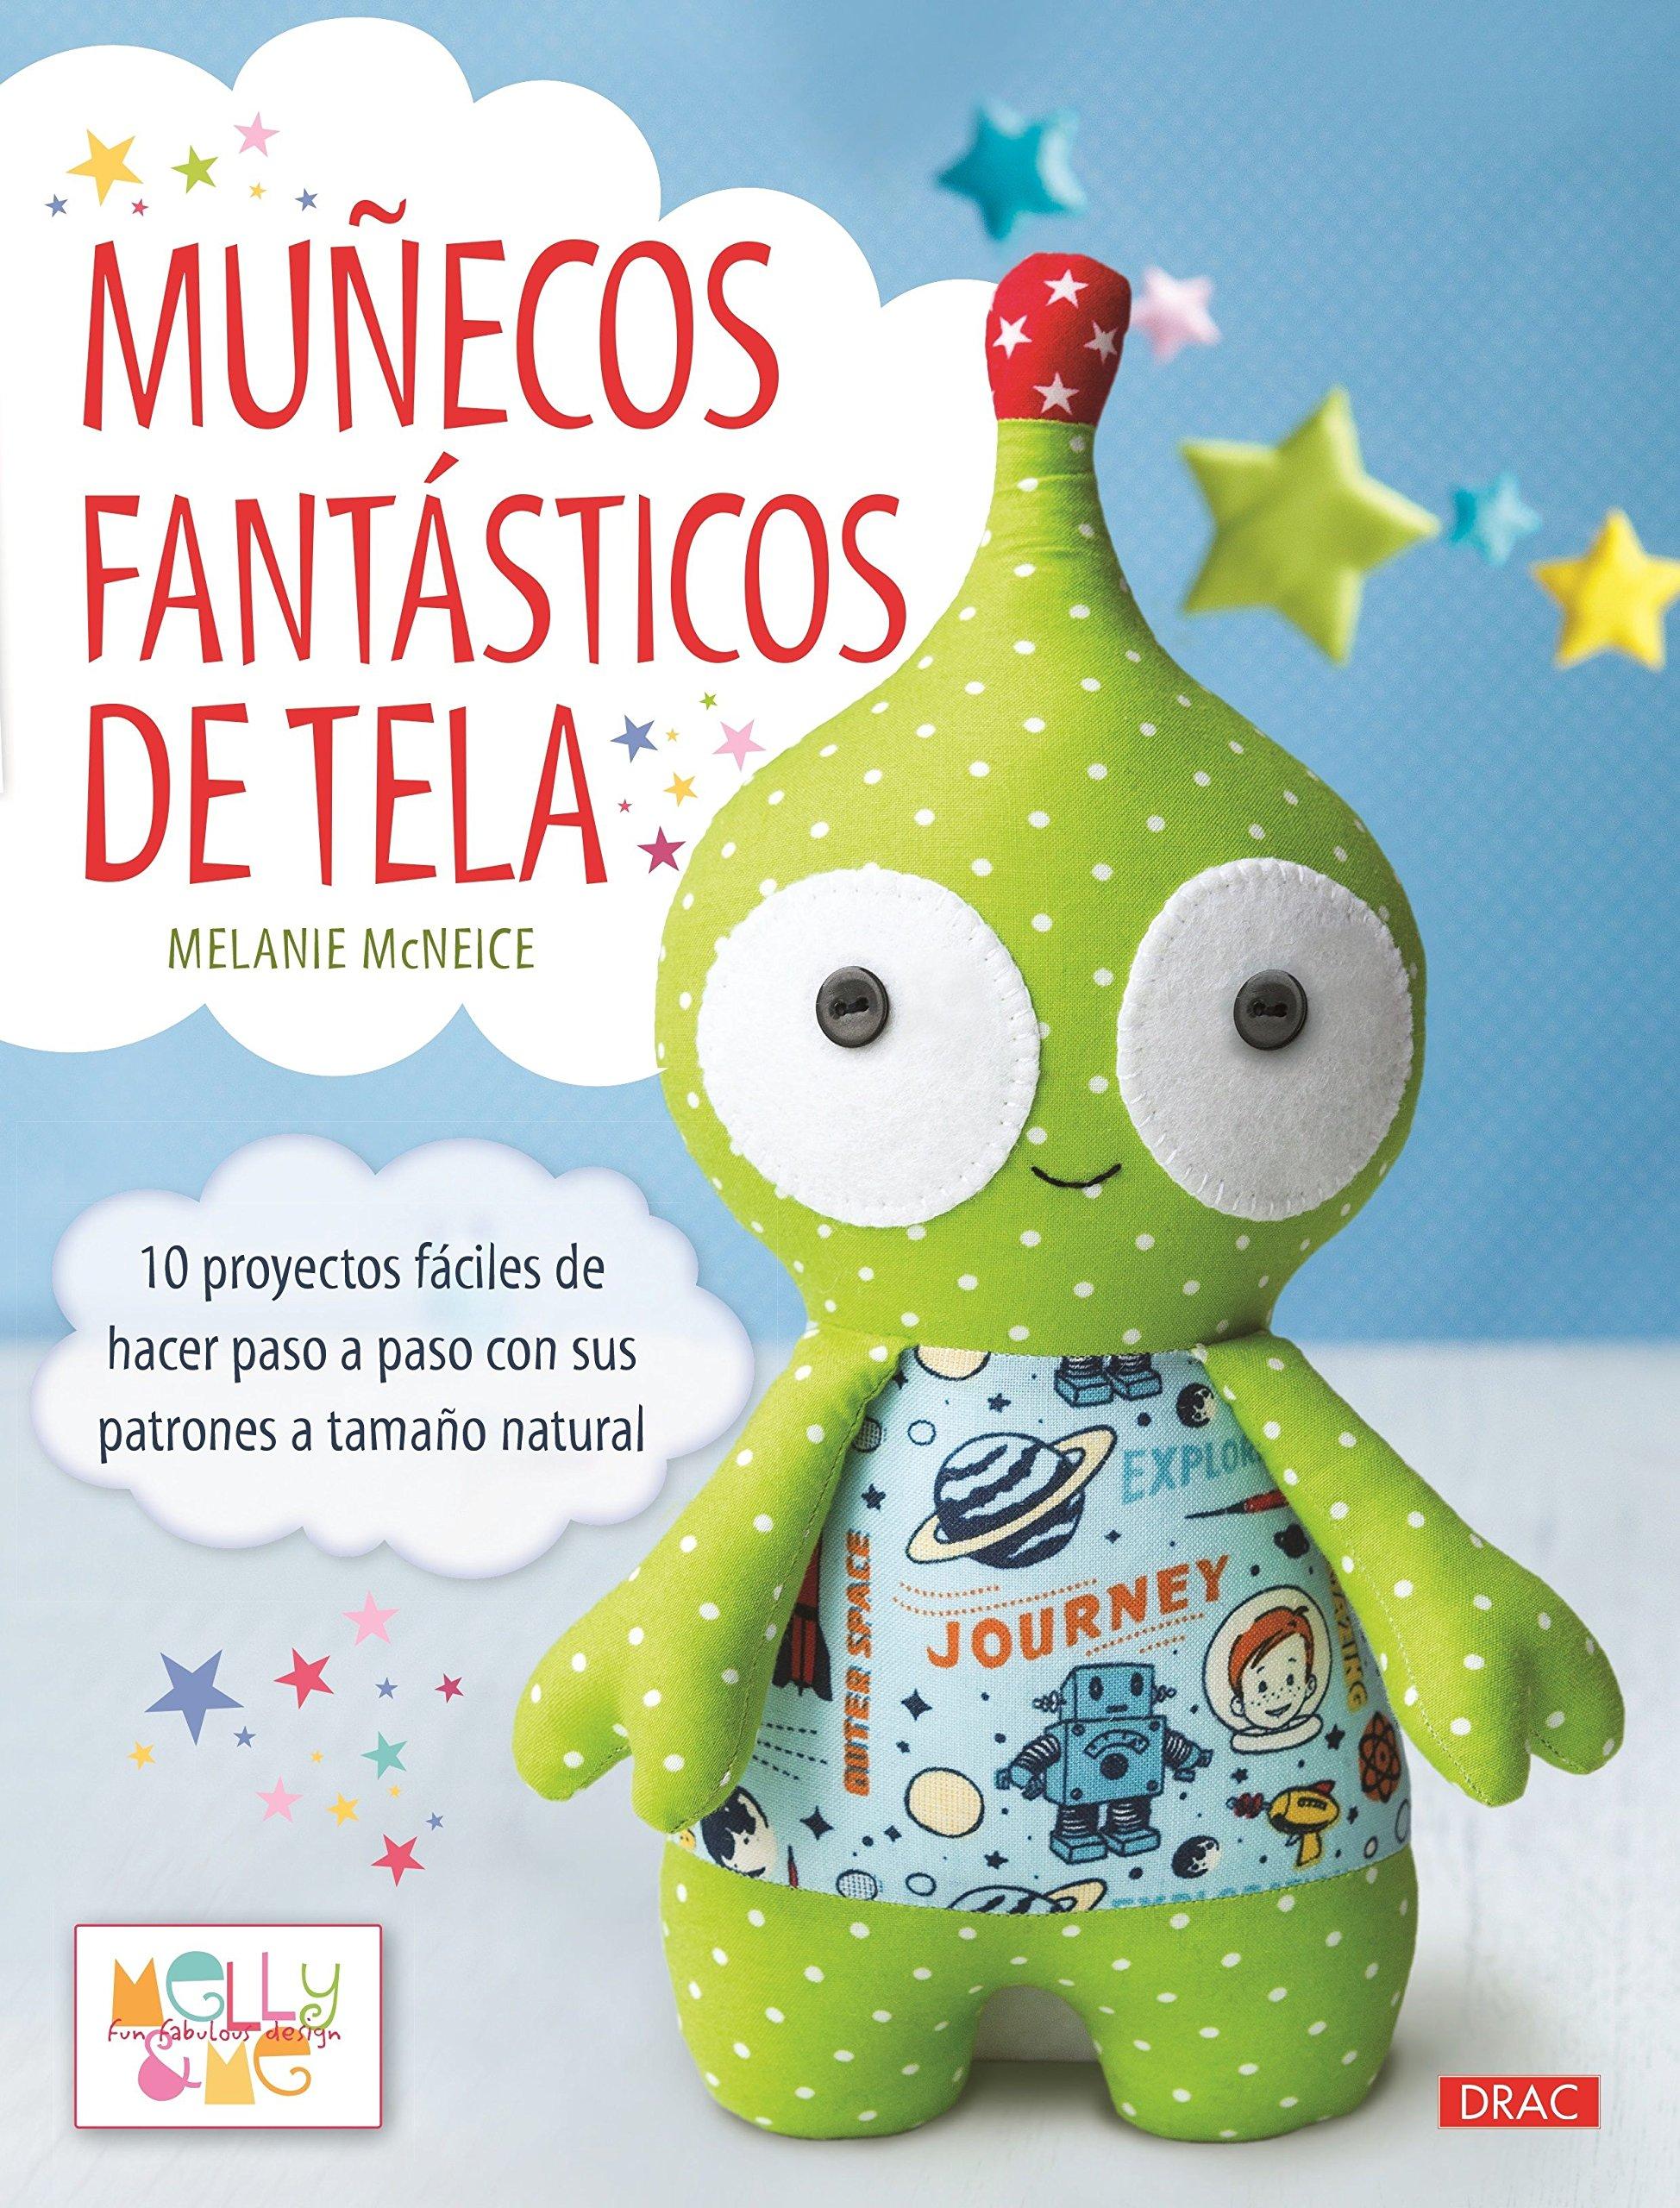 Muñecos Fantásticos De Tela: Amazon.es: McNeice, Melanie, Jordana ...